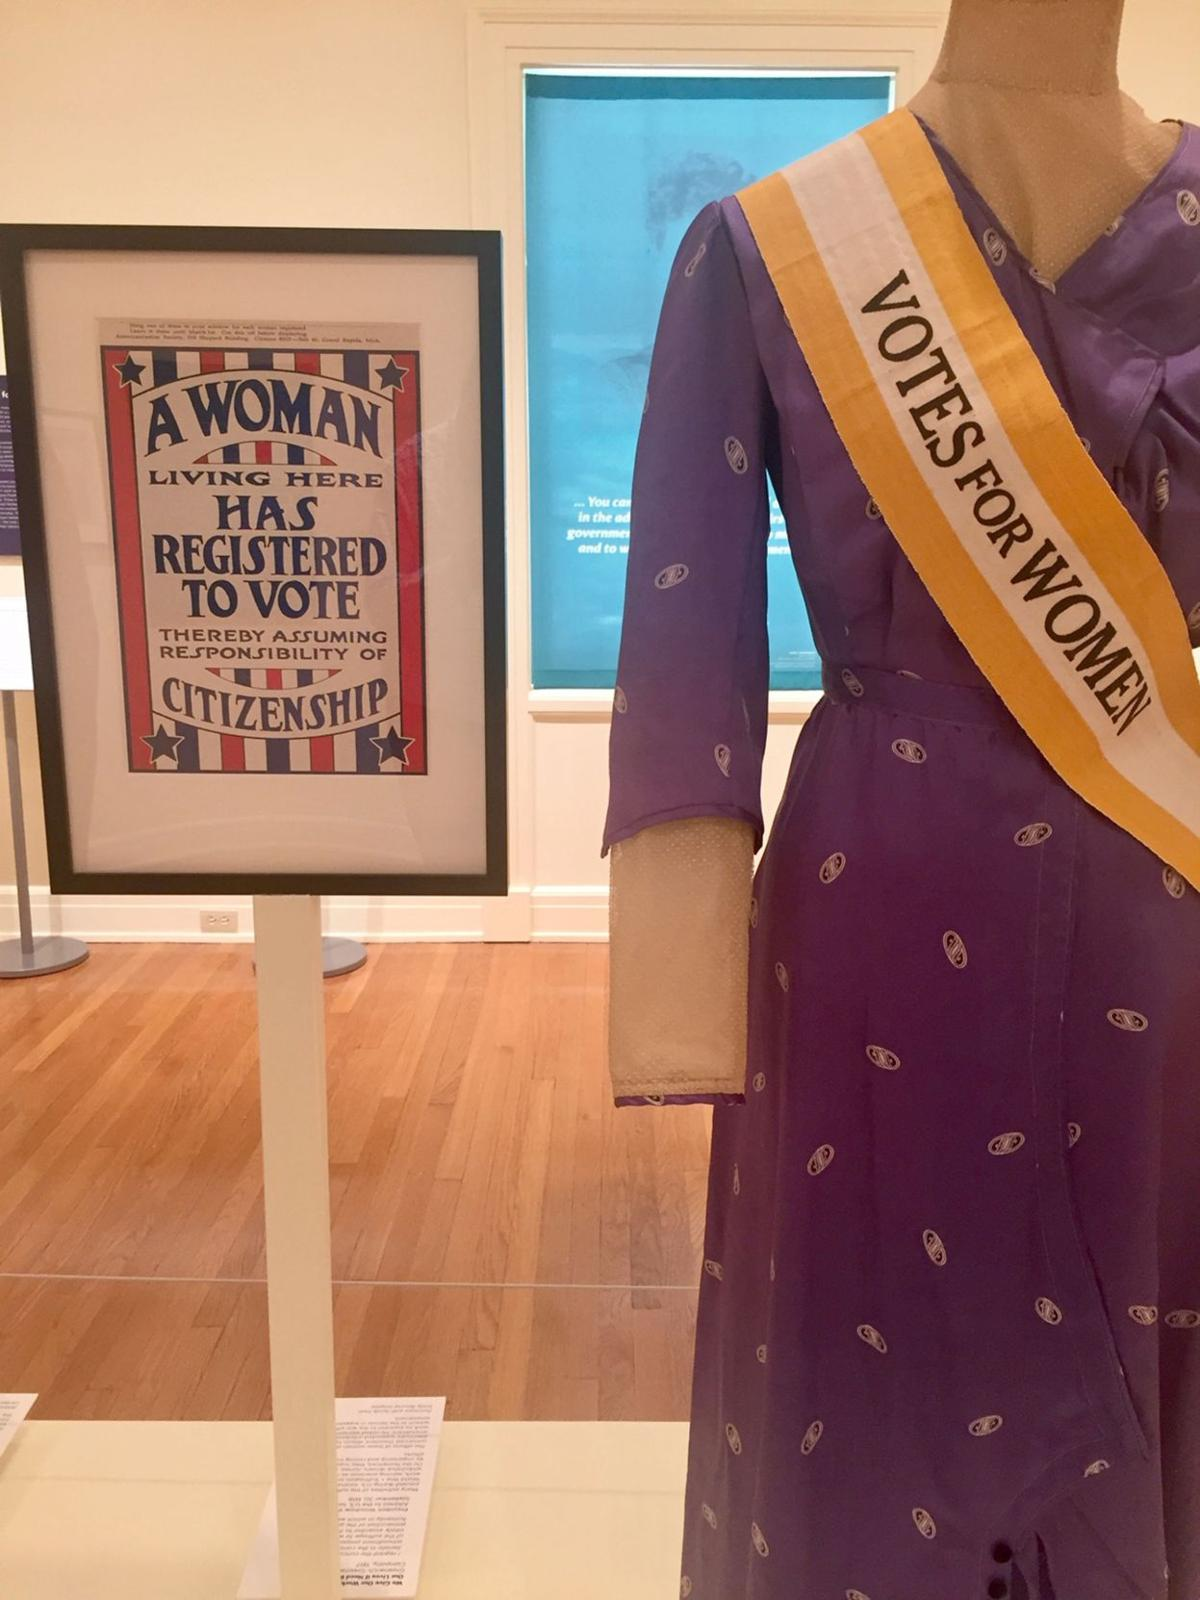 082819_MNS_suffrage_exhibit_001 artifacts